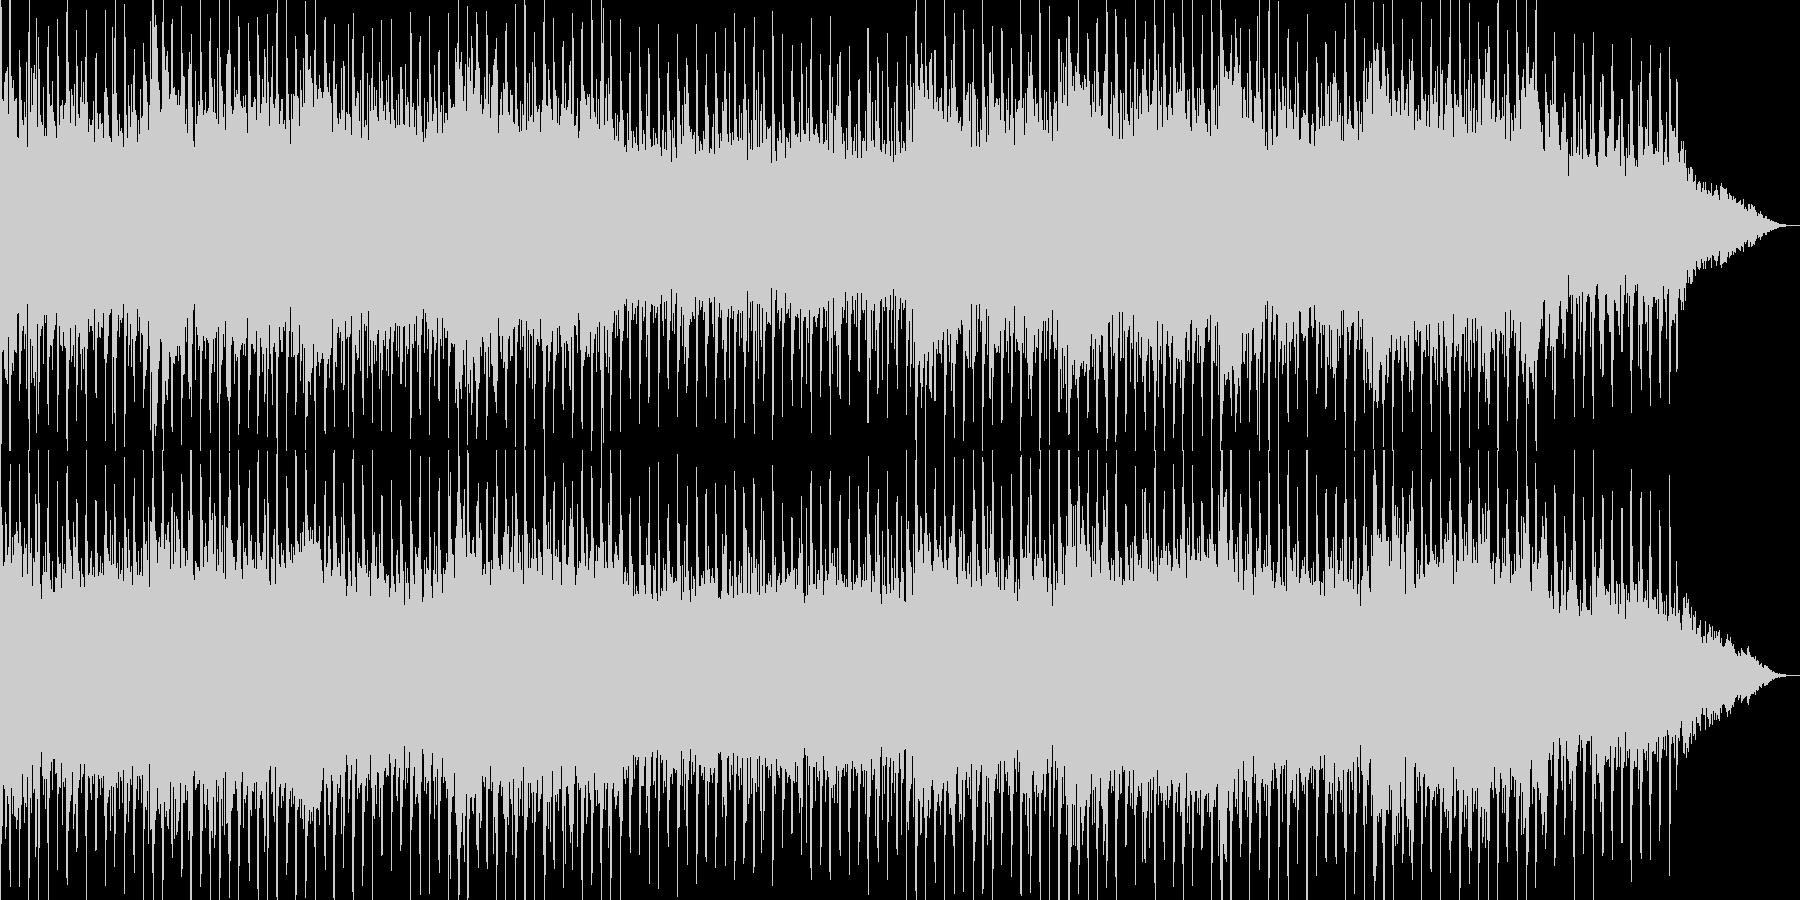 近未来SFサスペンス風シンセBGMの未再生の波形